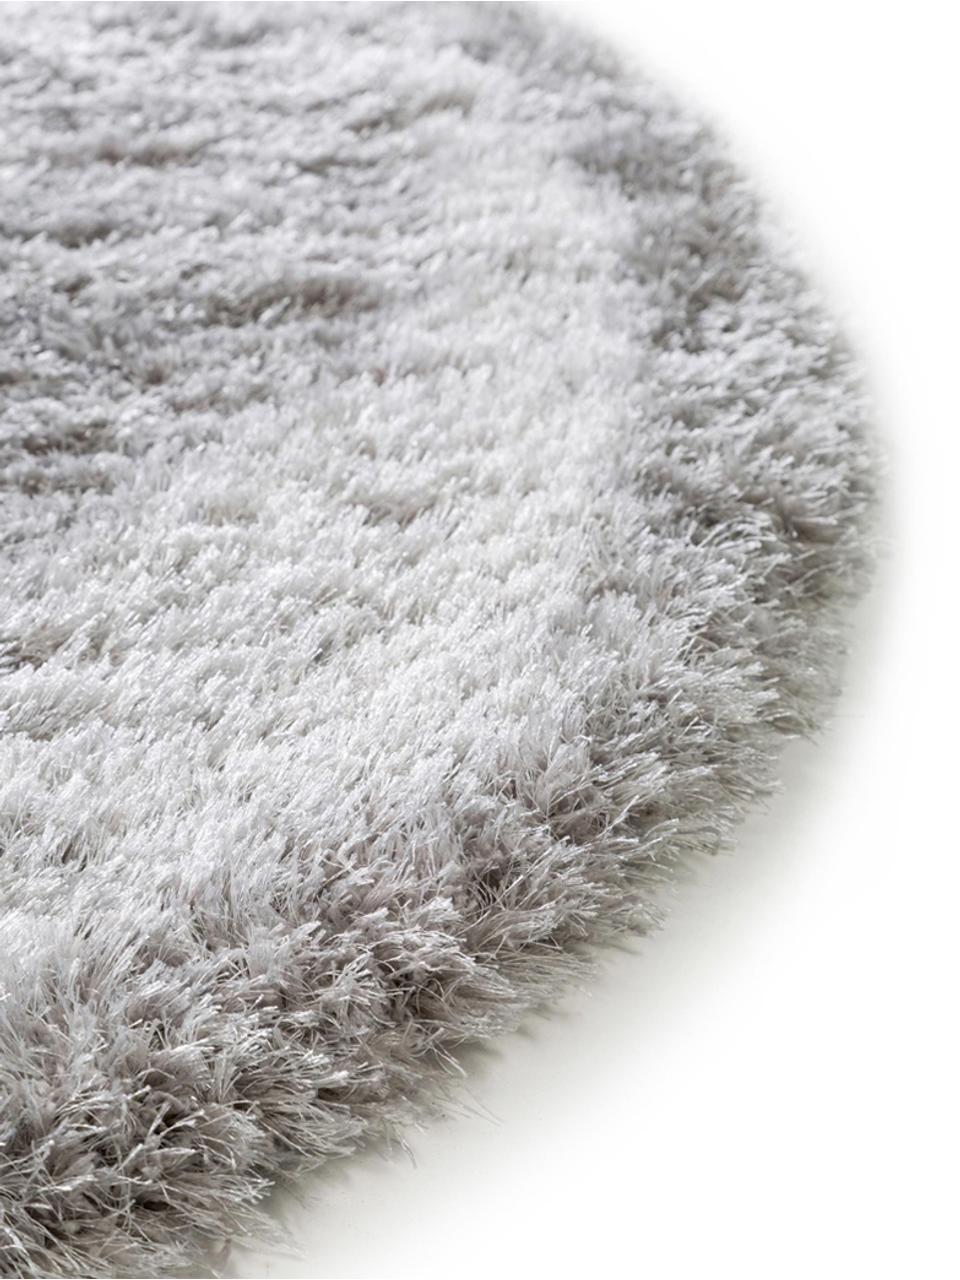 Glänzender Hochflor-Teppich Lea in Hellgrau, rund, Flor: 50% Polyester, 50% Polypr, Grau, Ø 200 cm (Größe L)